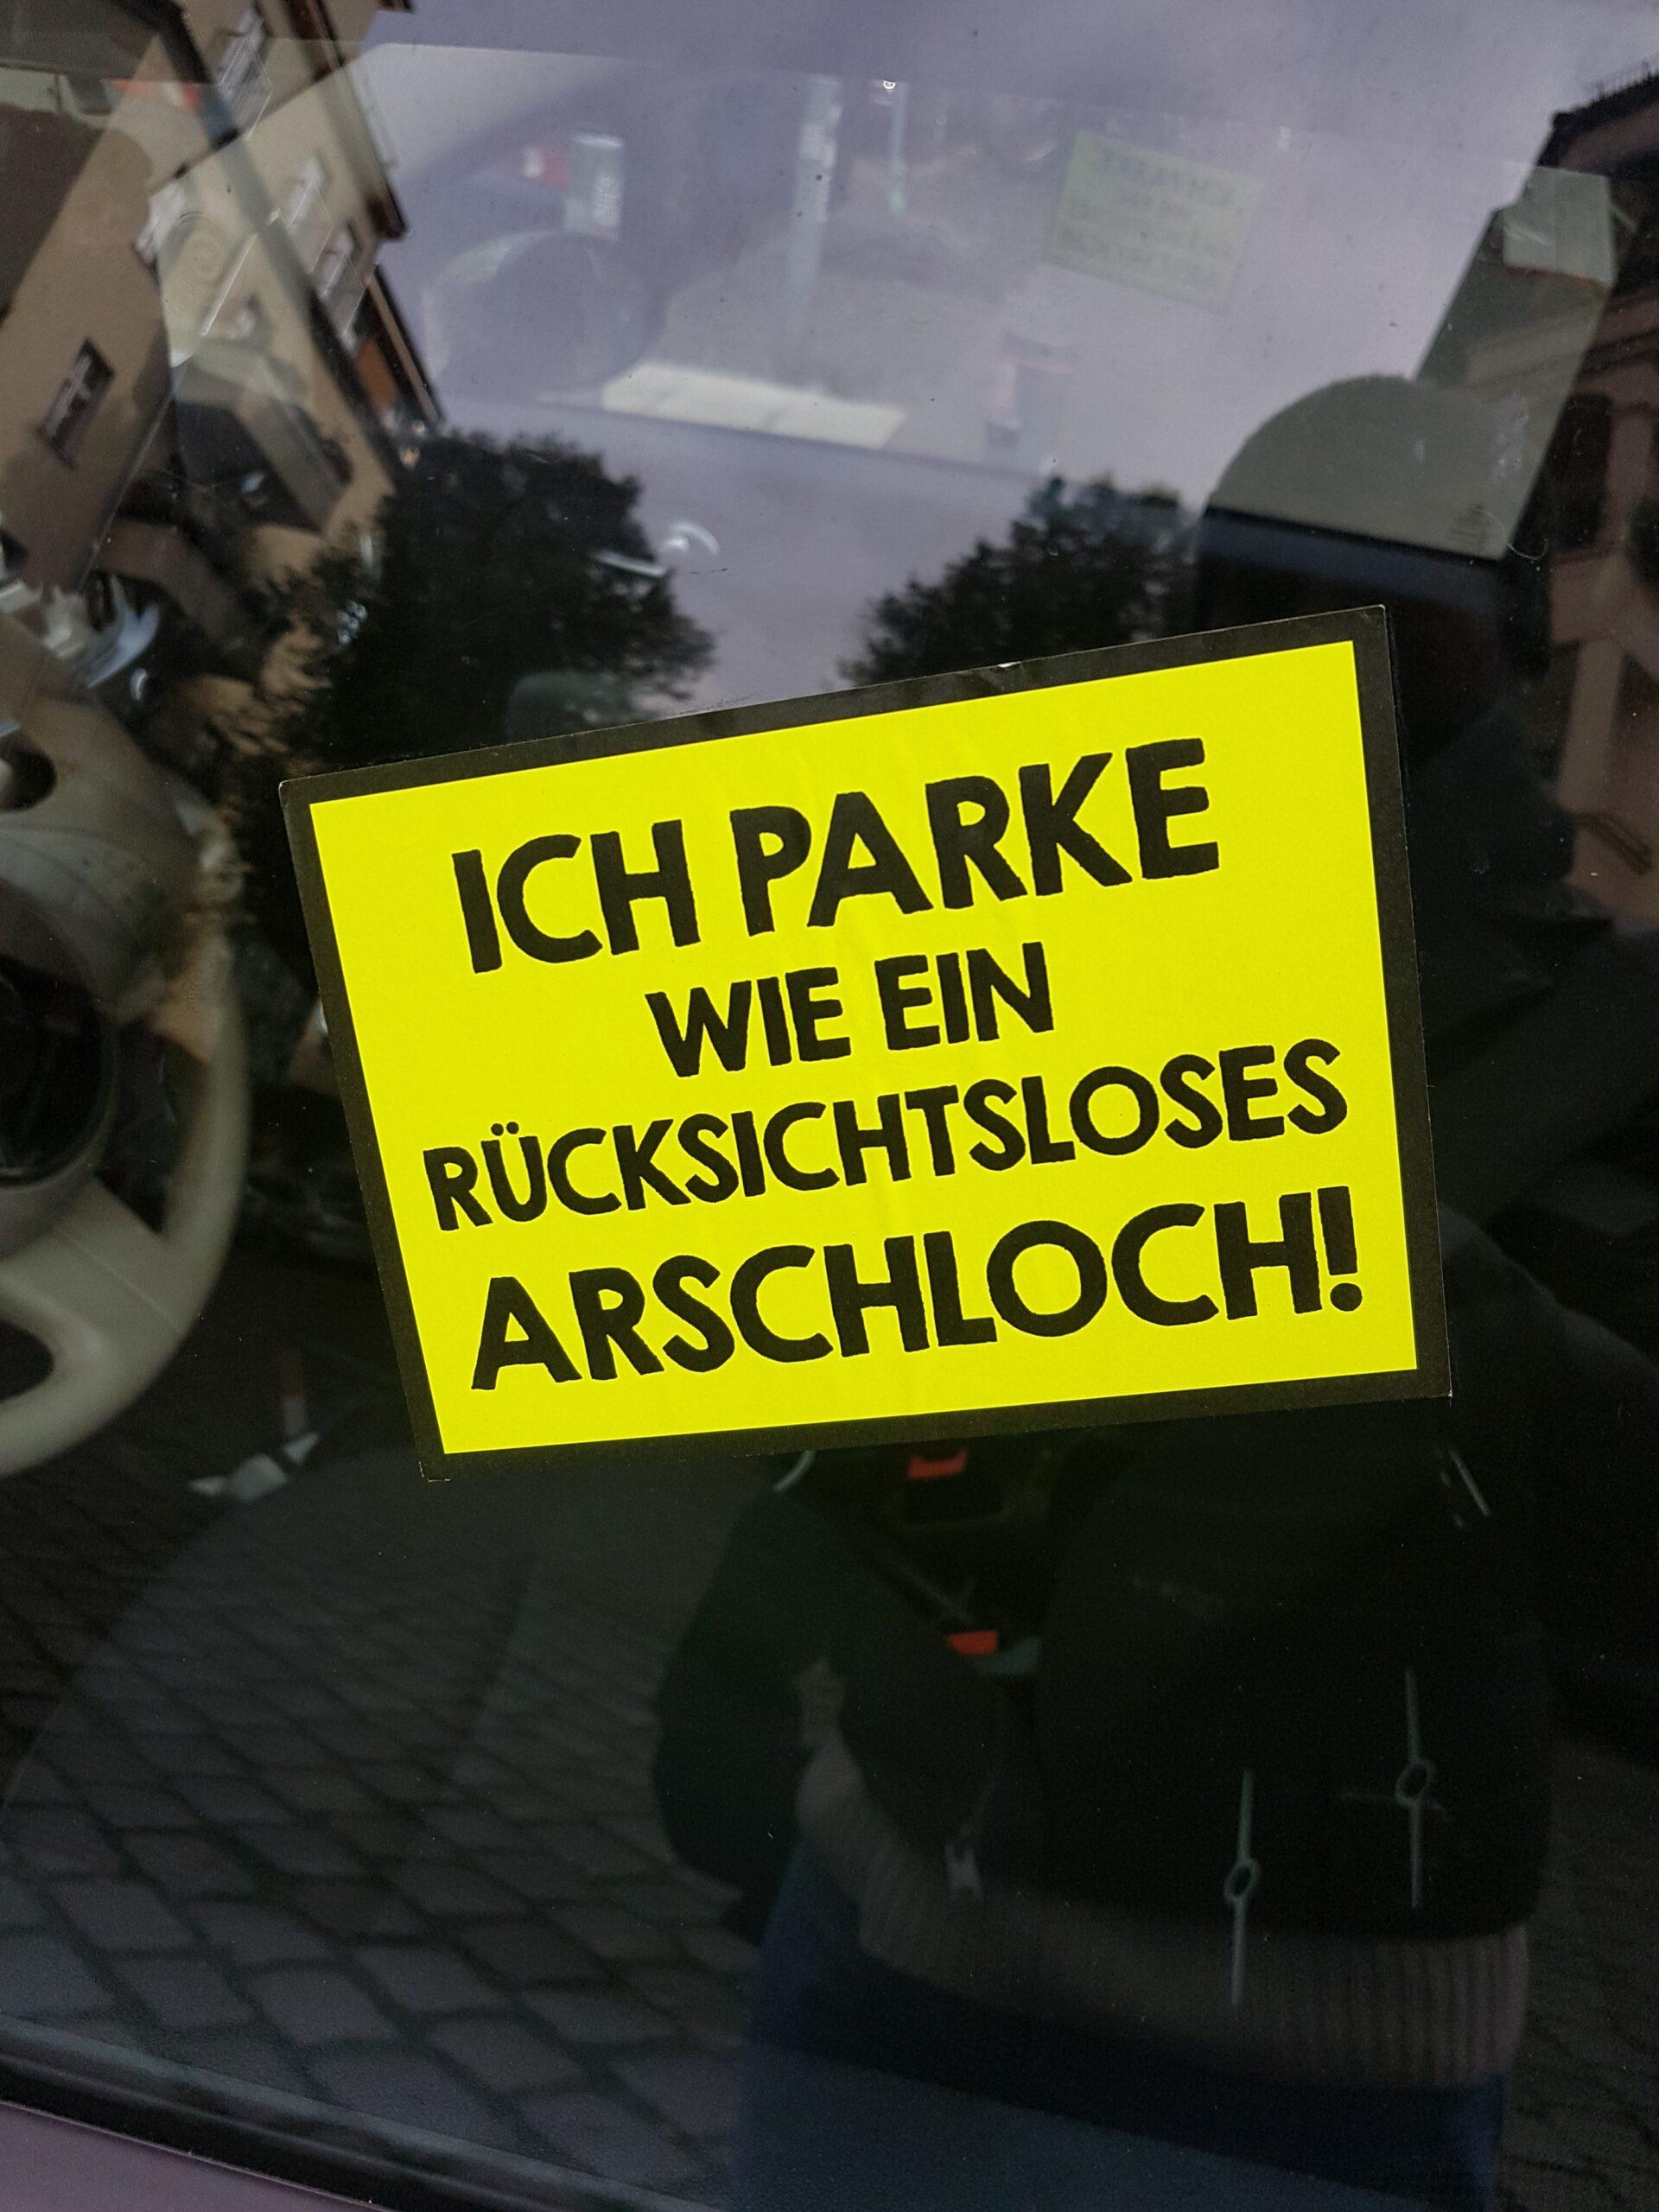 """Bild eines Stickers mit dem Satz """"Ich parke wie ein rücksichtsloses Arschloch"""" an einer Autoscheibe"""